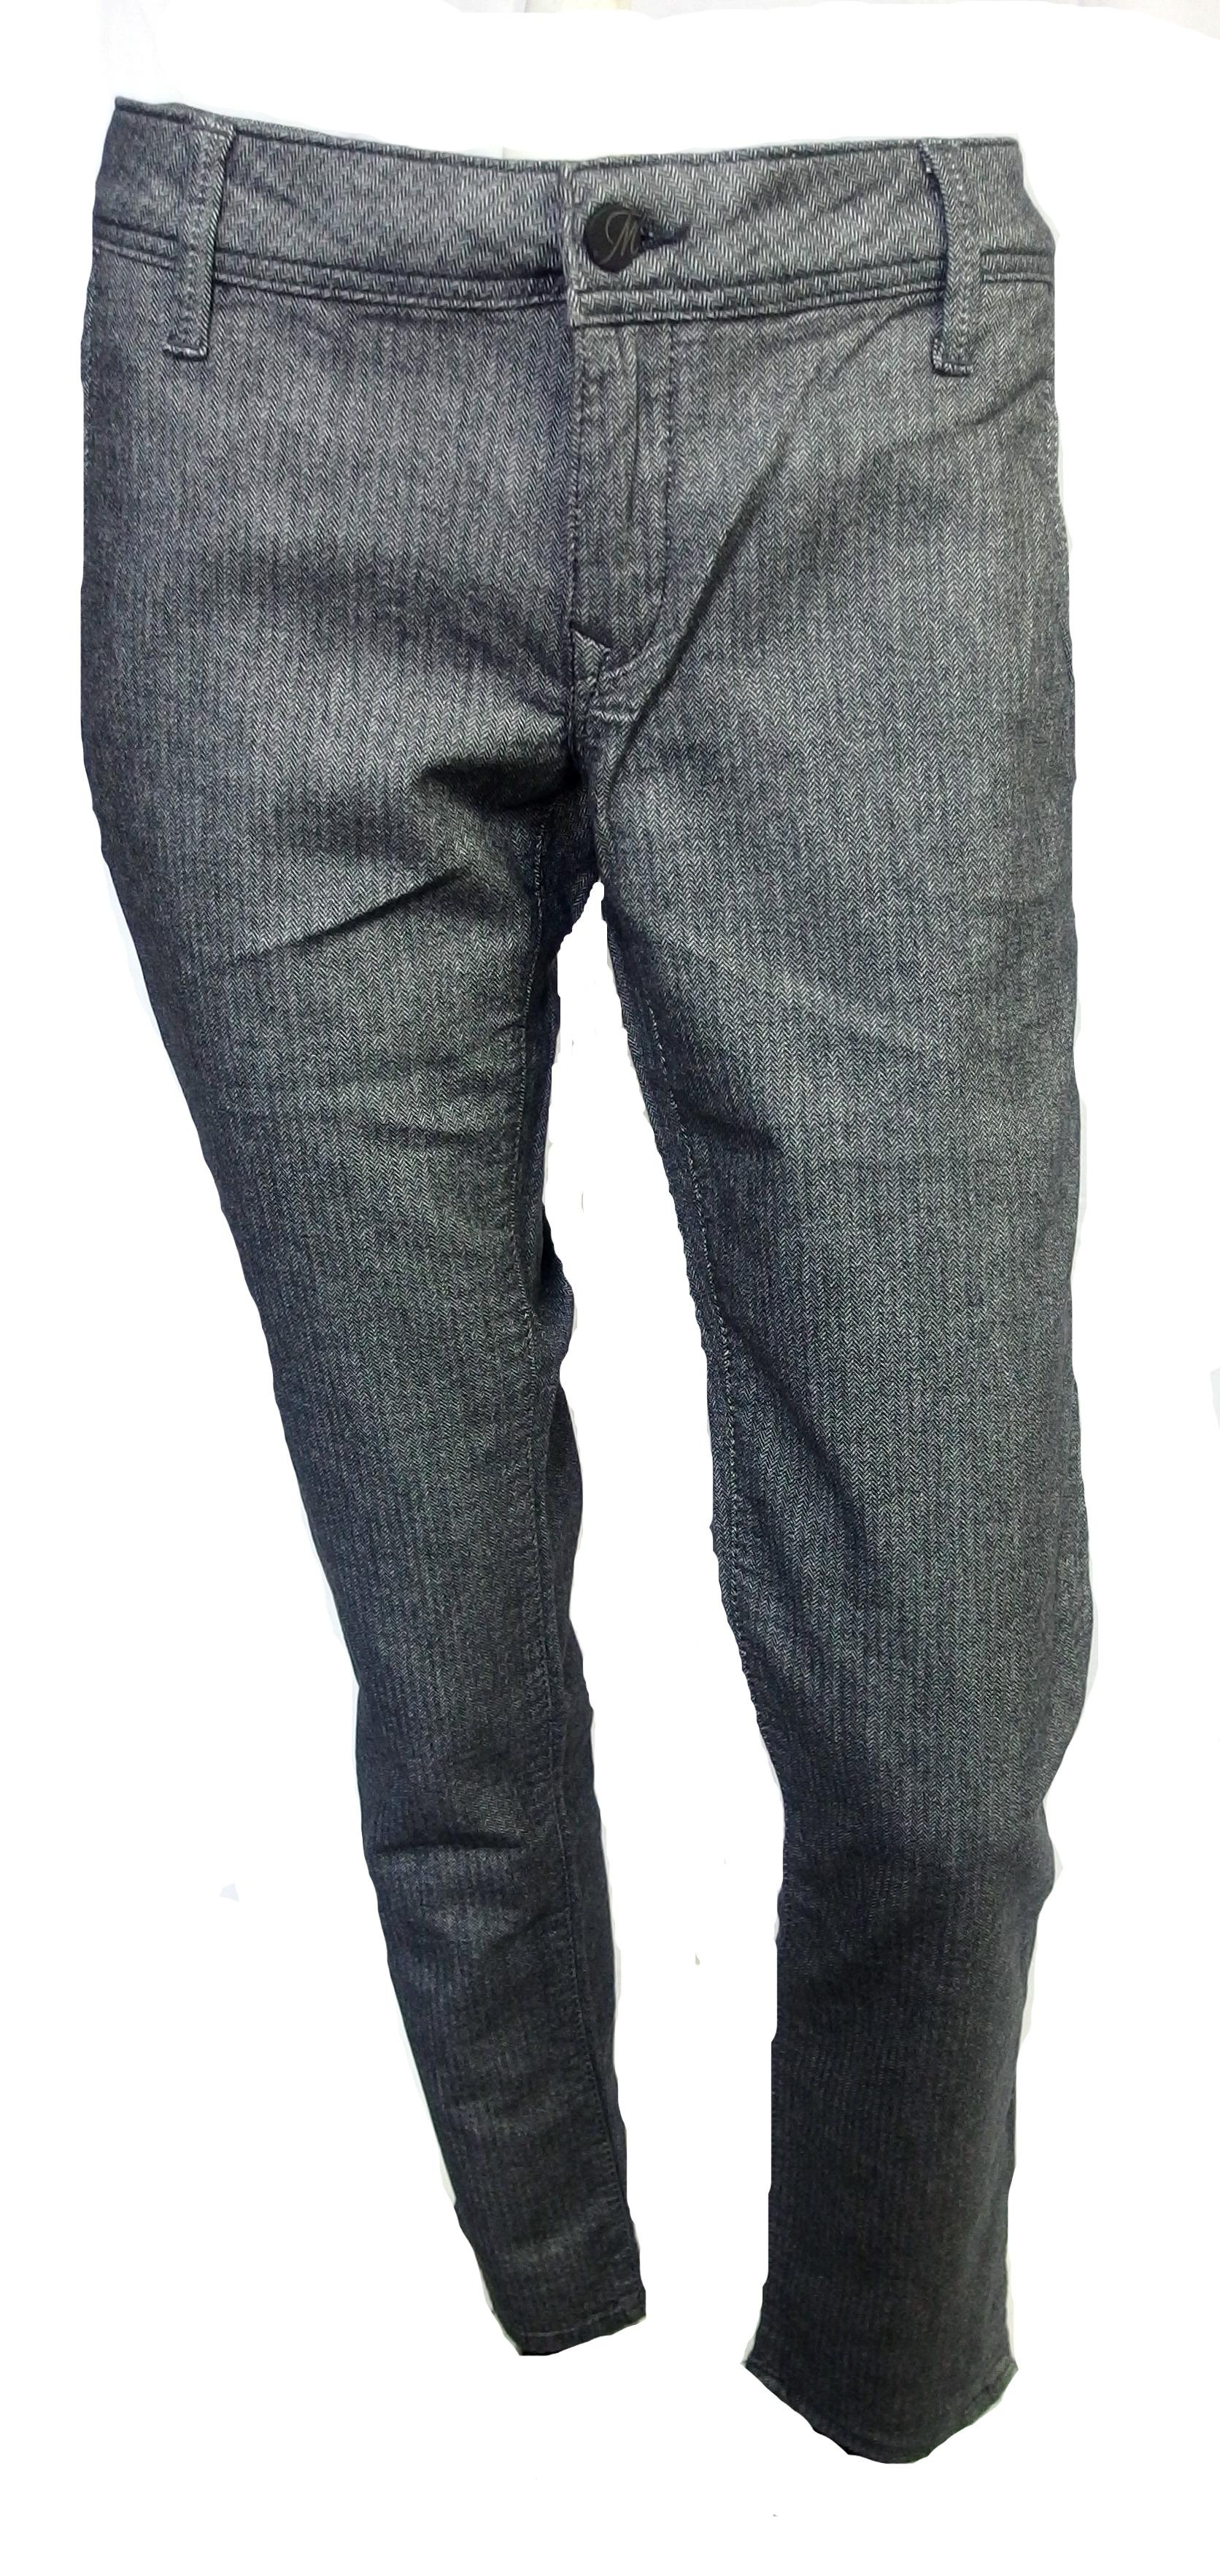 Dámské kalhoty šedé Mavi Jeans - Glami.cz e835d11d71